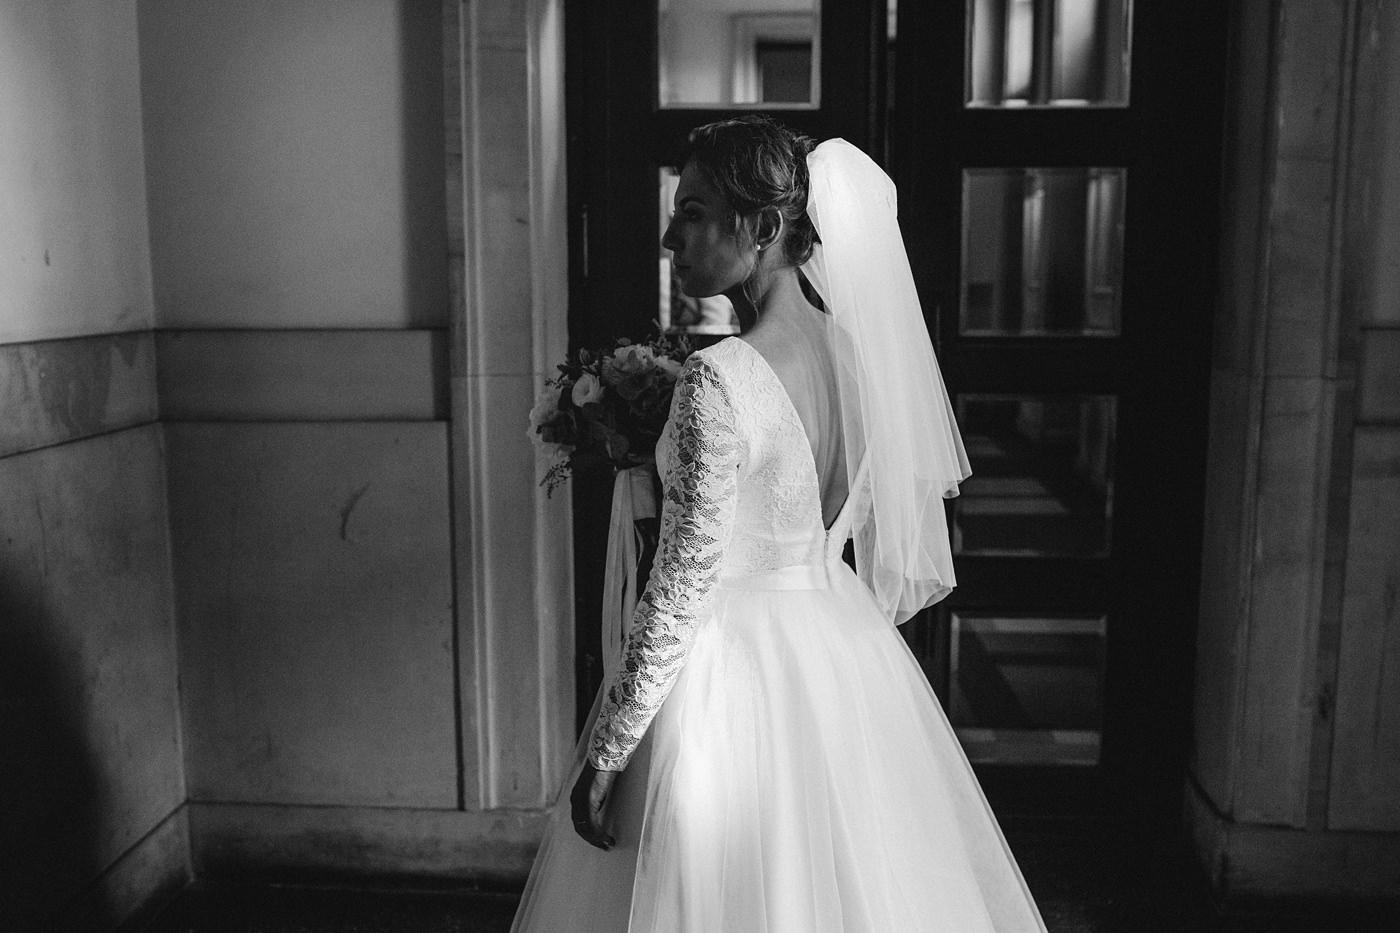 Dominika & Aleksander - Rustykalne wesele w stodole - Baborówko 42